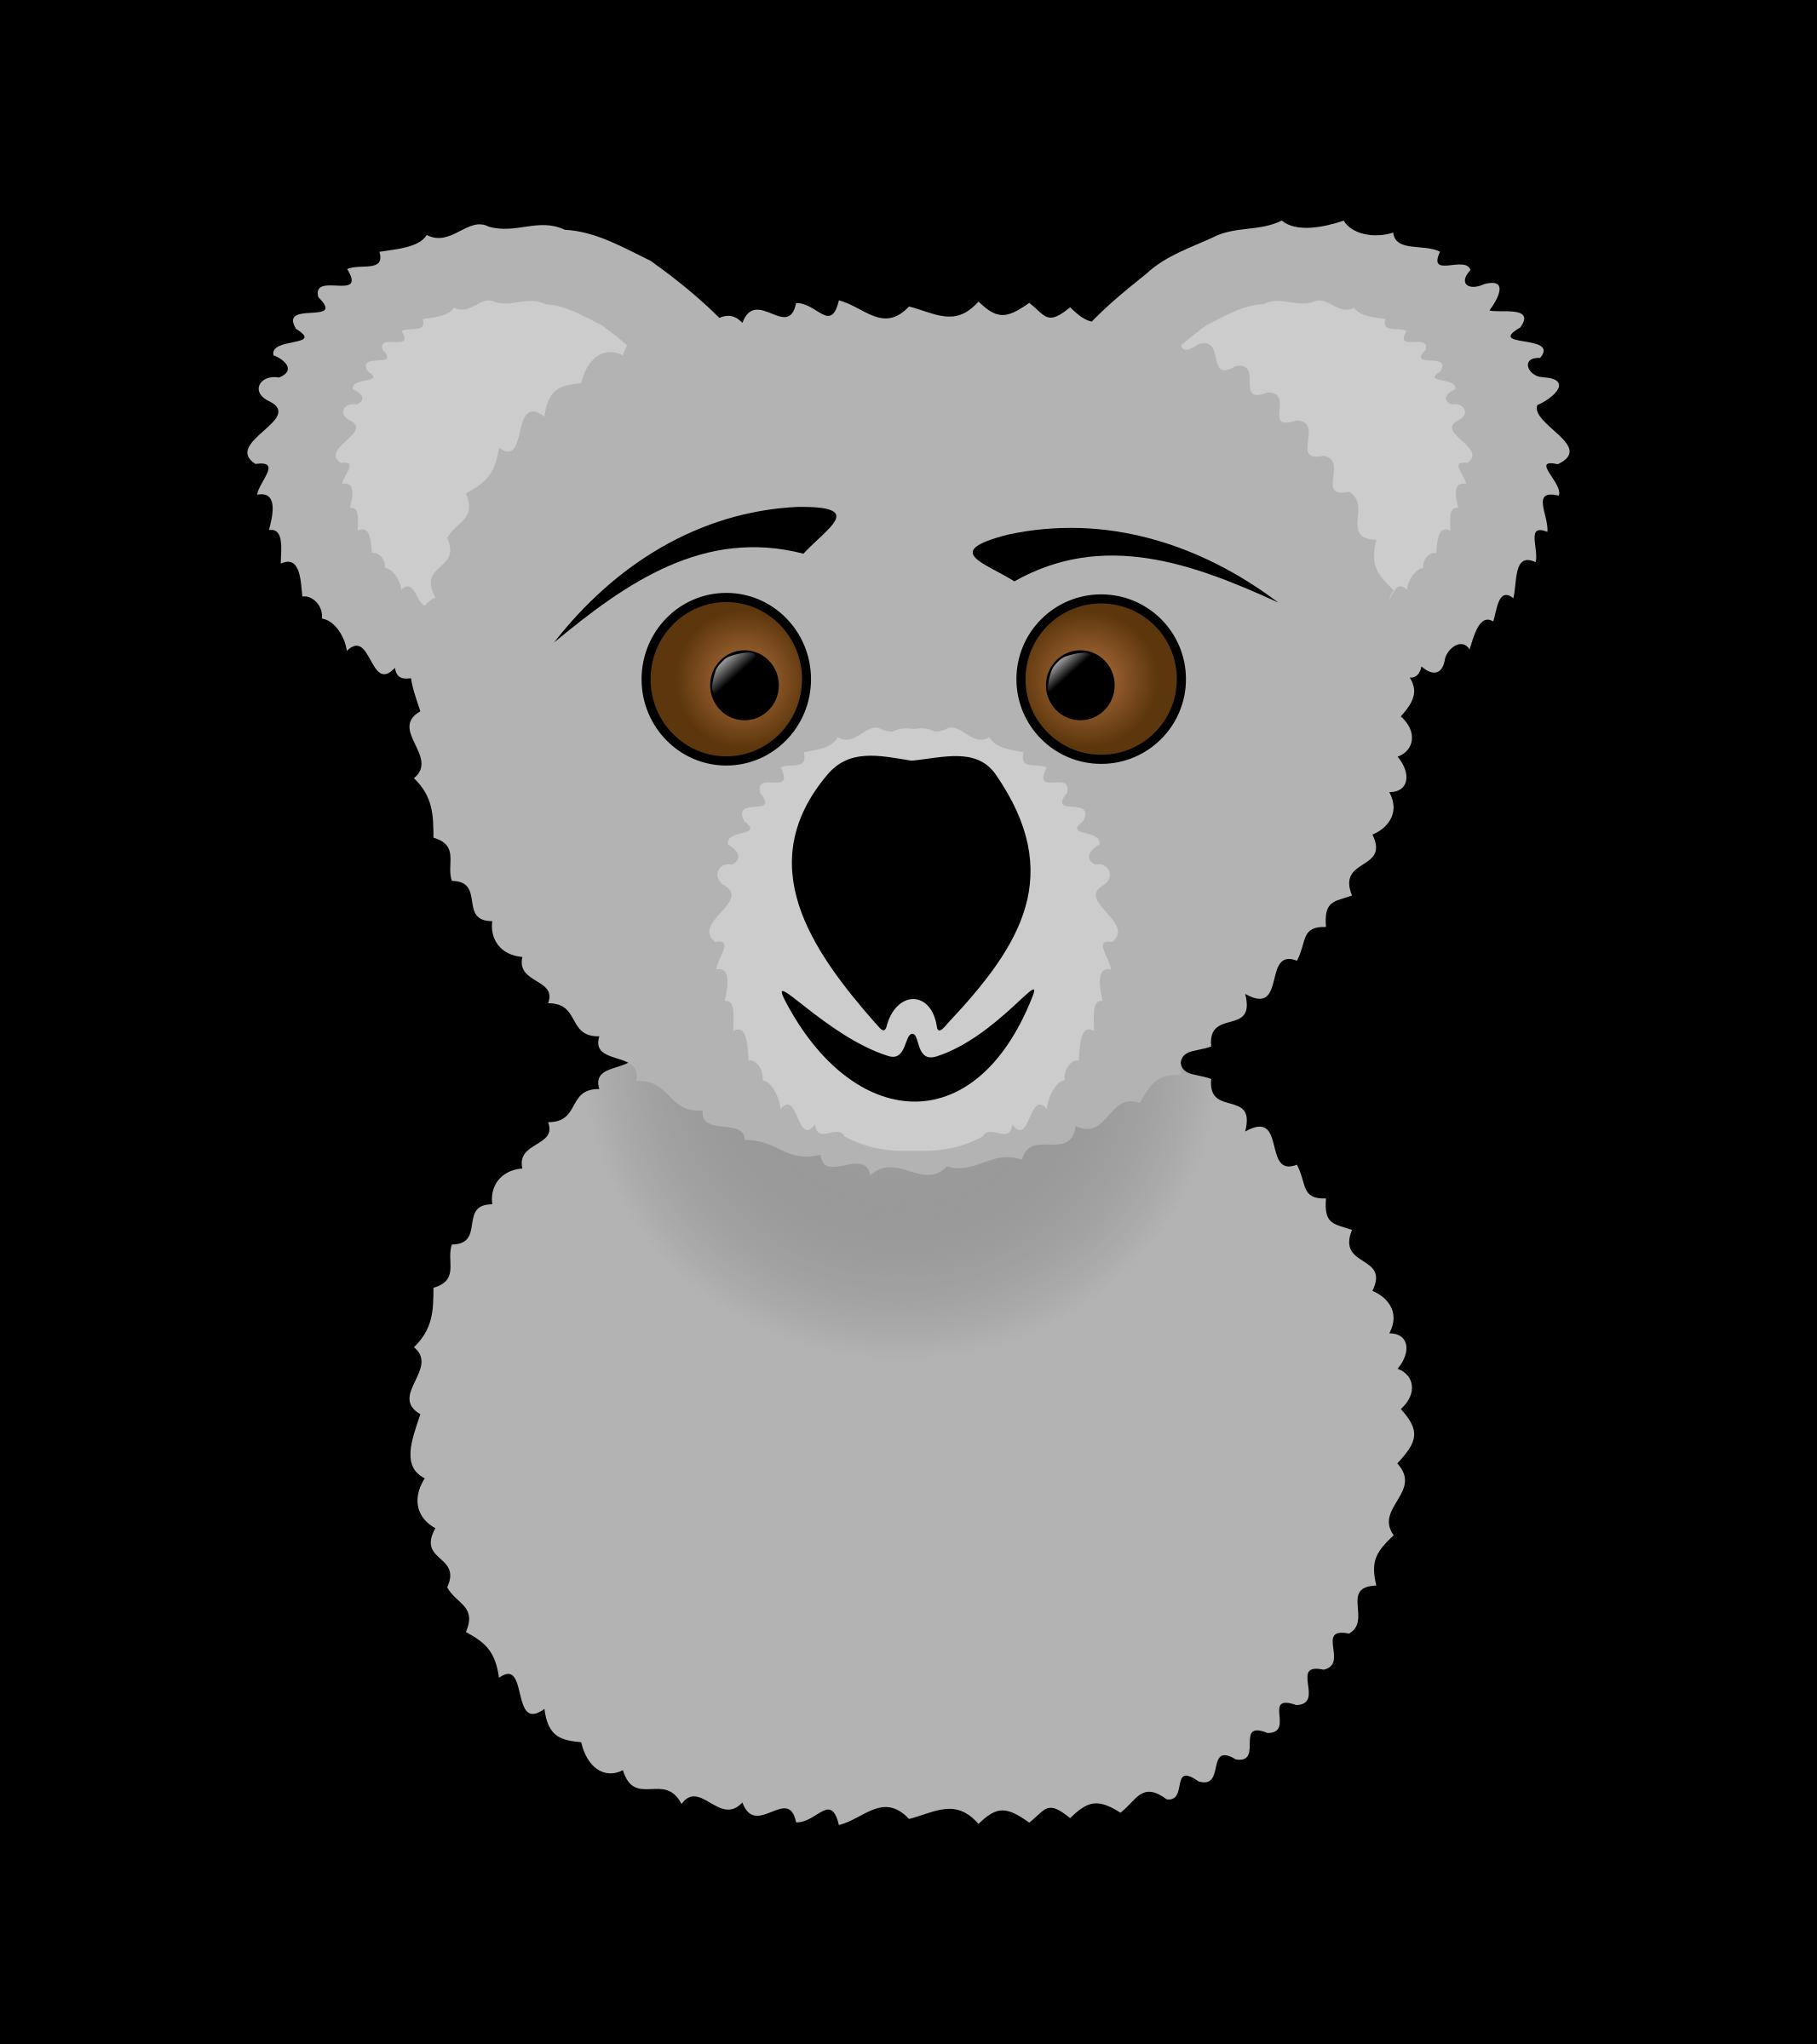 Clipart - koala